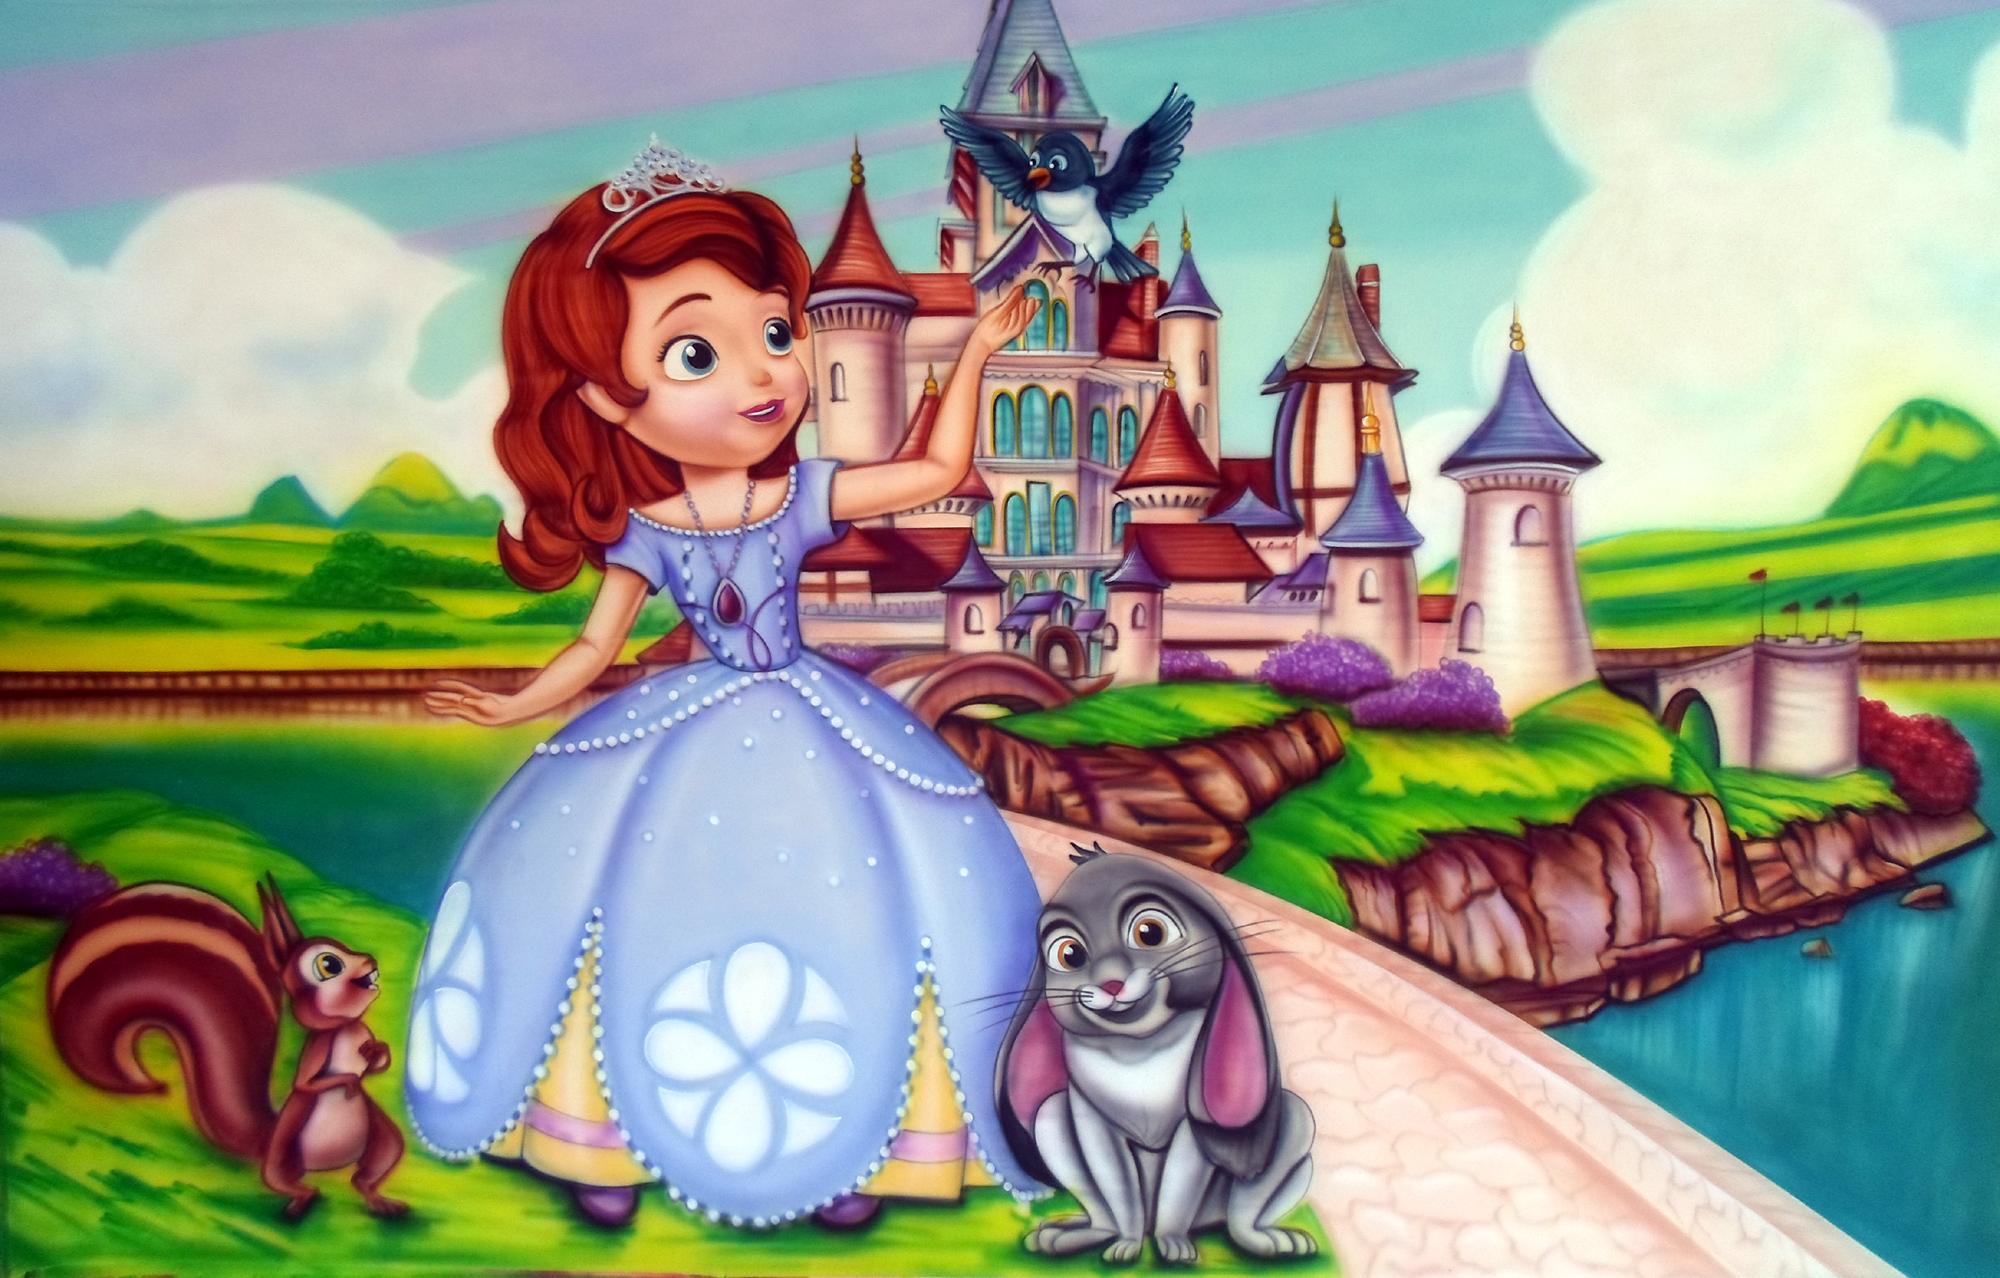 painel princesinha sofia no elo7 clim festas 55d0d1